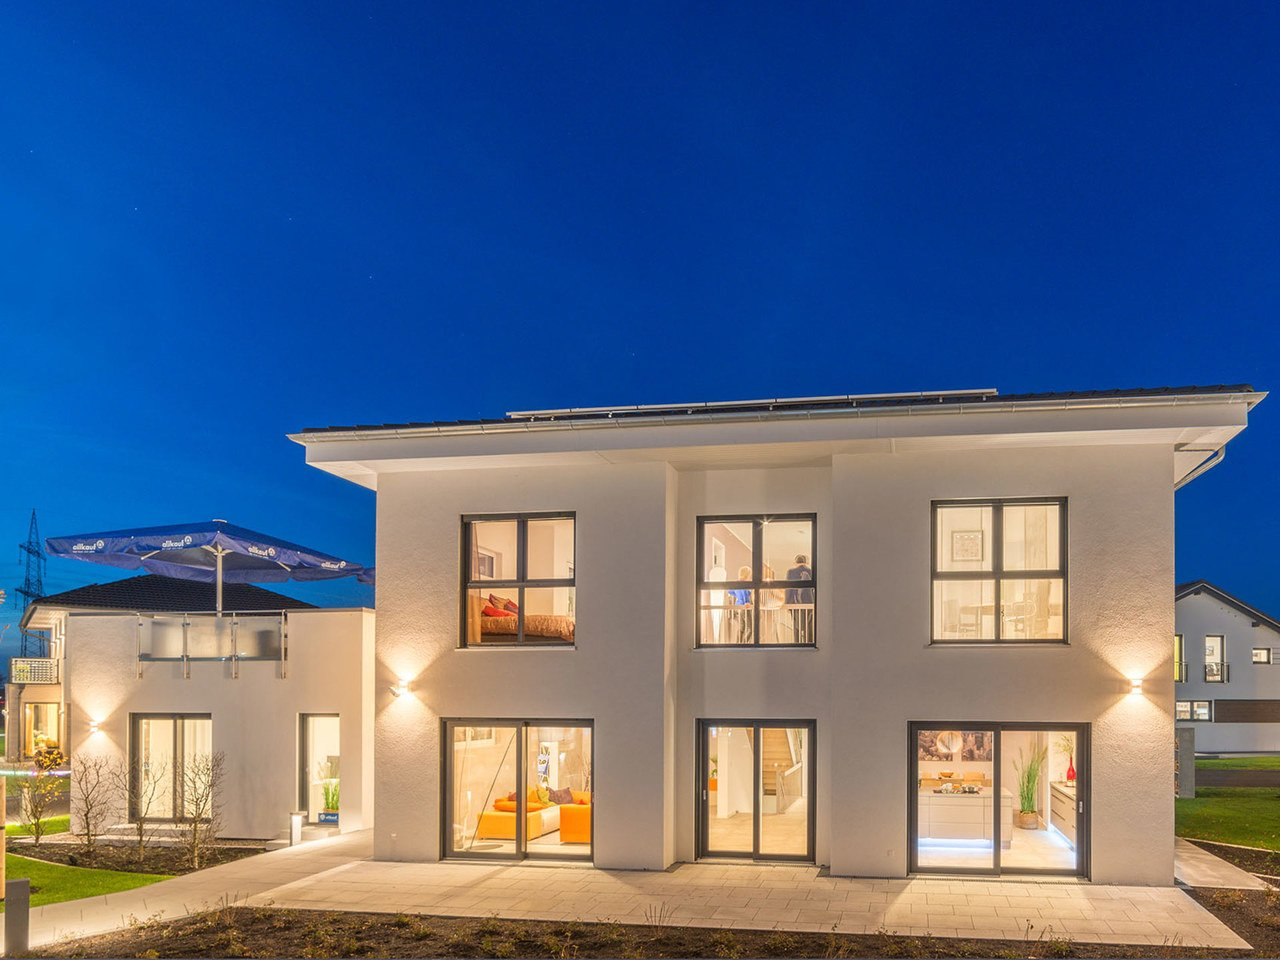 allkauf haus Musterhaus City Villa 1 Ansicht 2